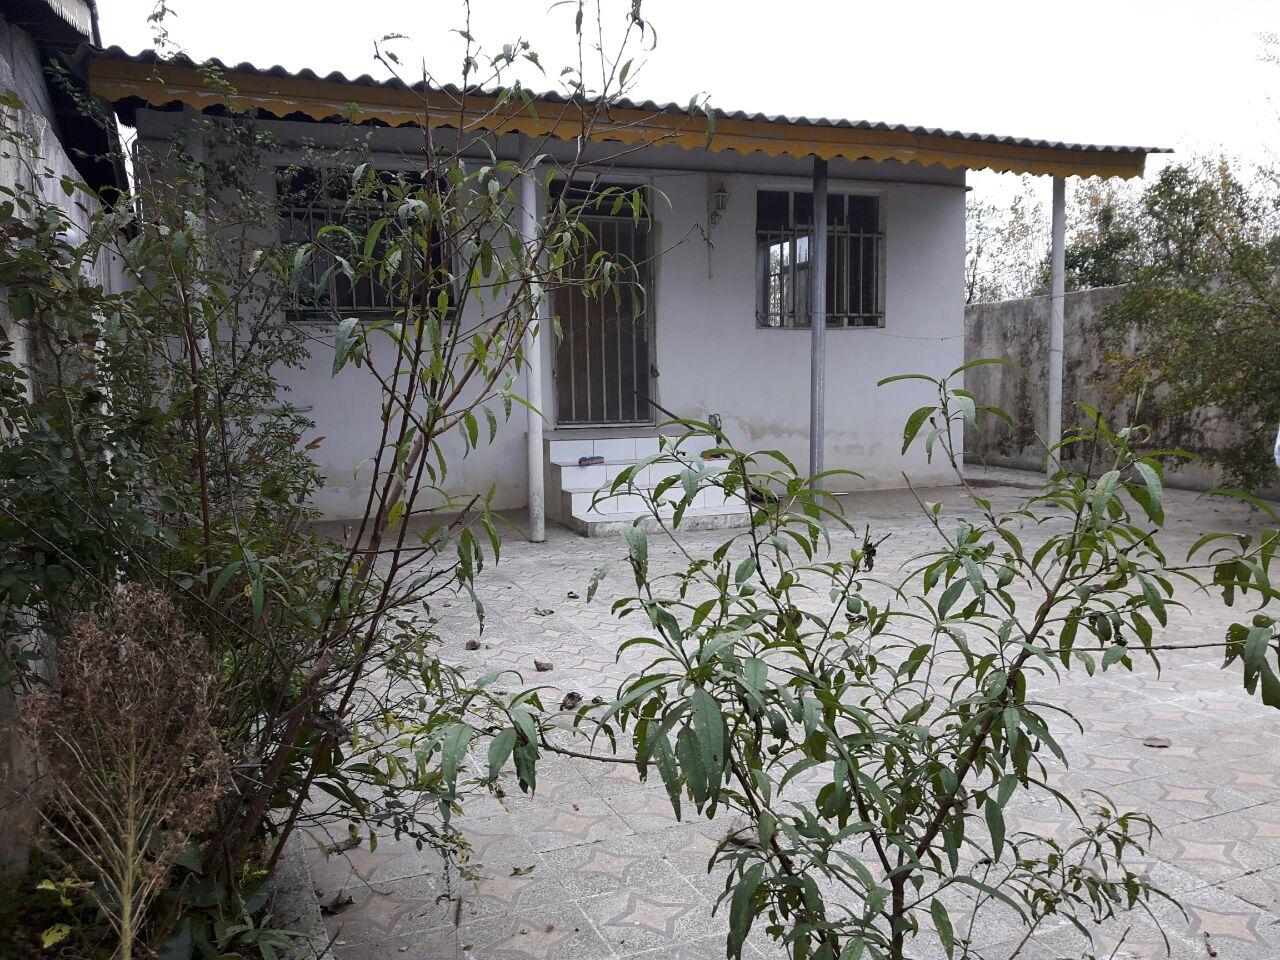 فروش ویلای روستایی در شمال گیلان زیباکنار(کد:۵۳۷)